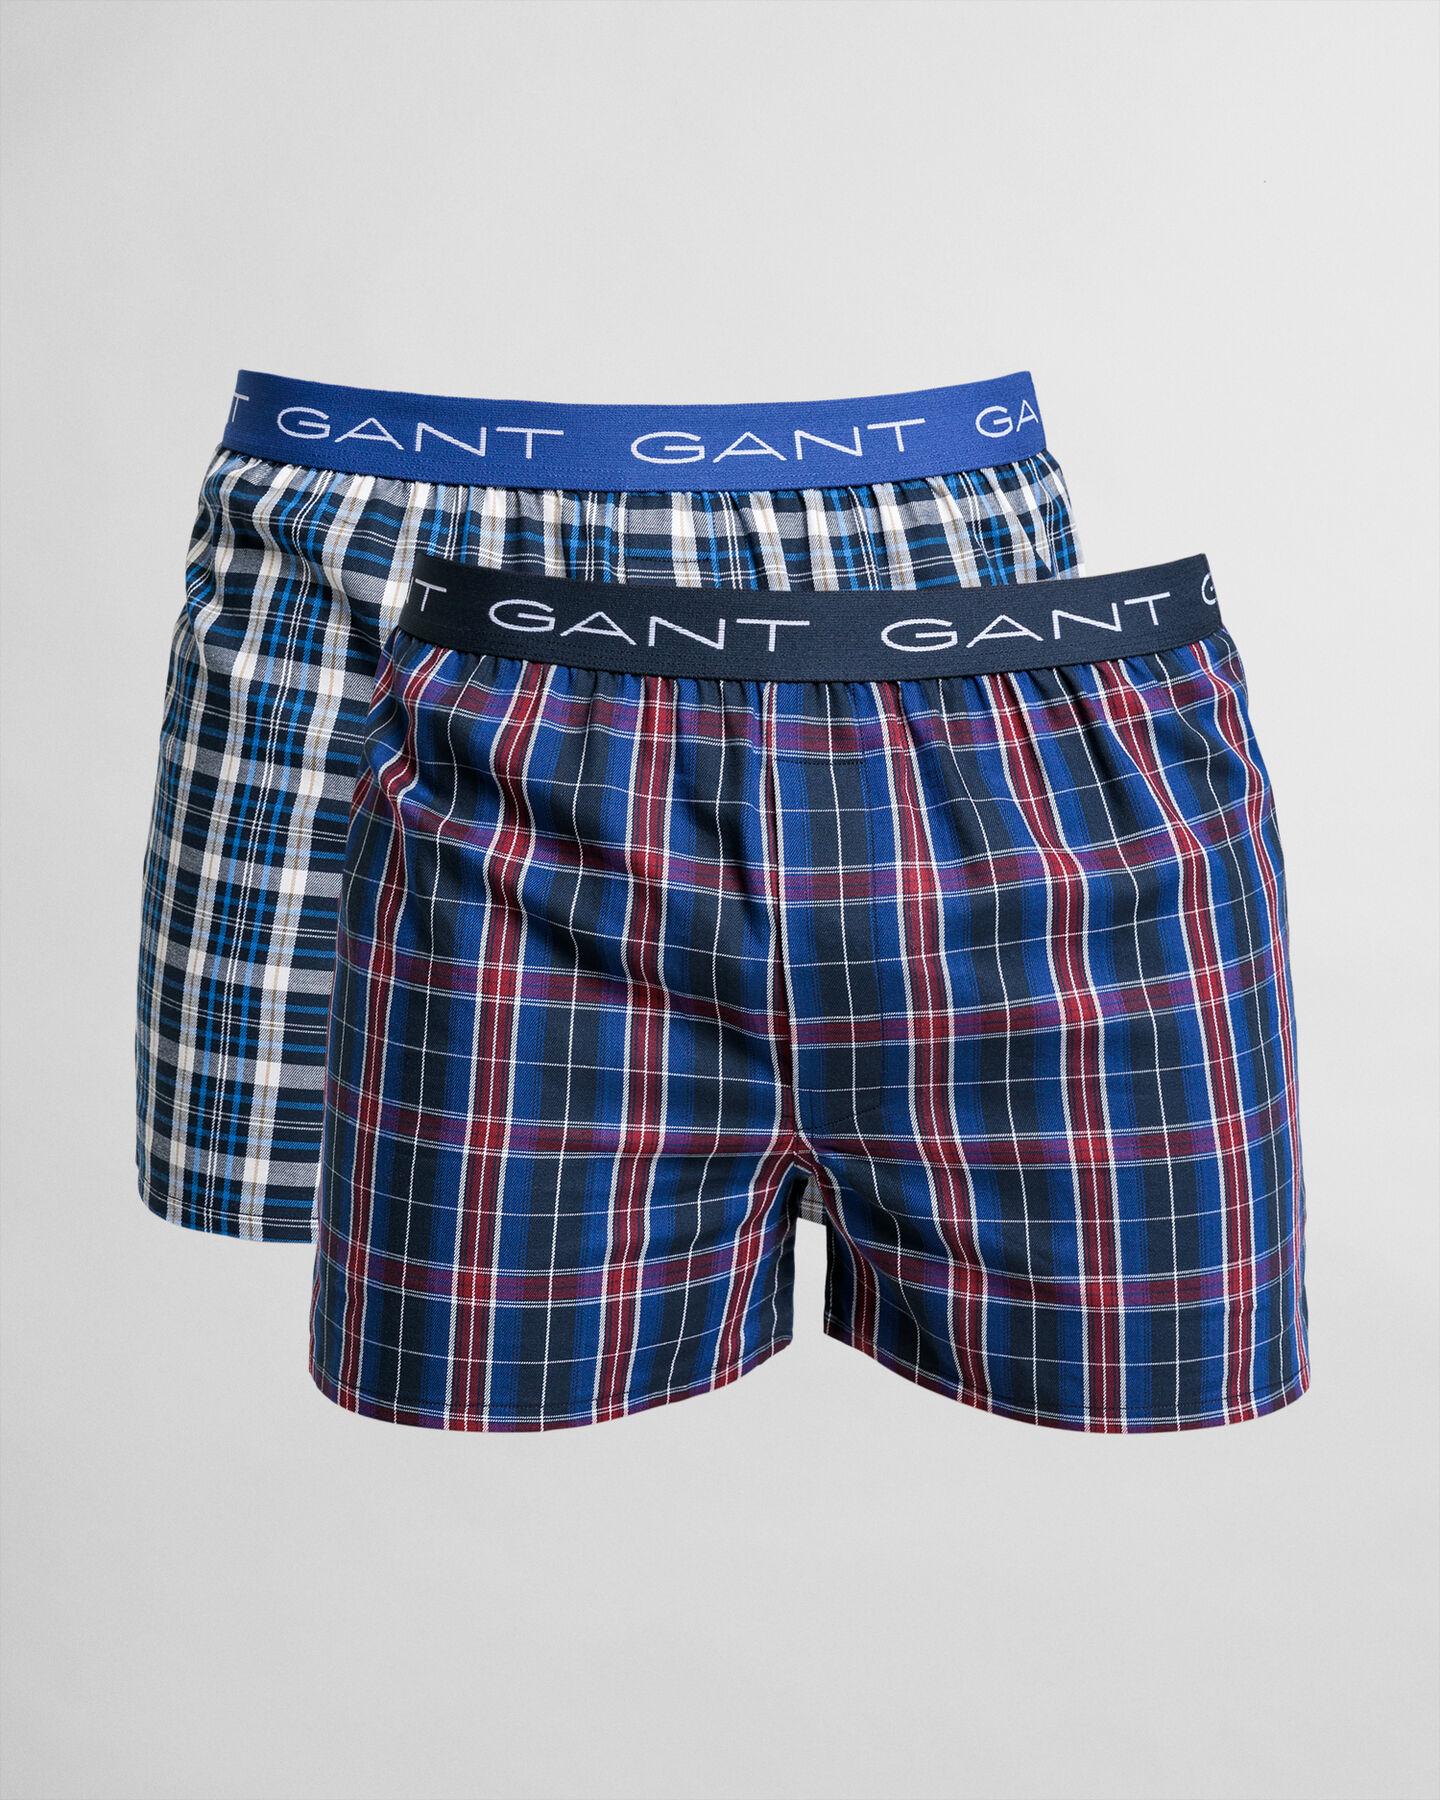 2er-Pack Boxershorts Tartan-Muster/Blau